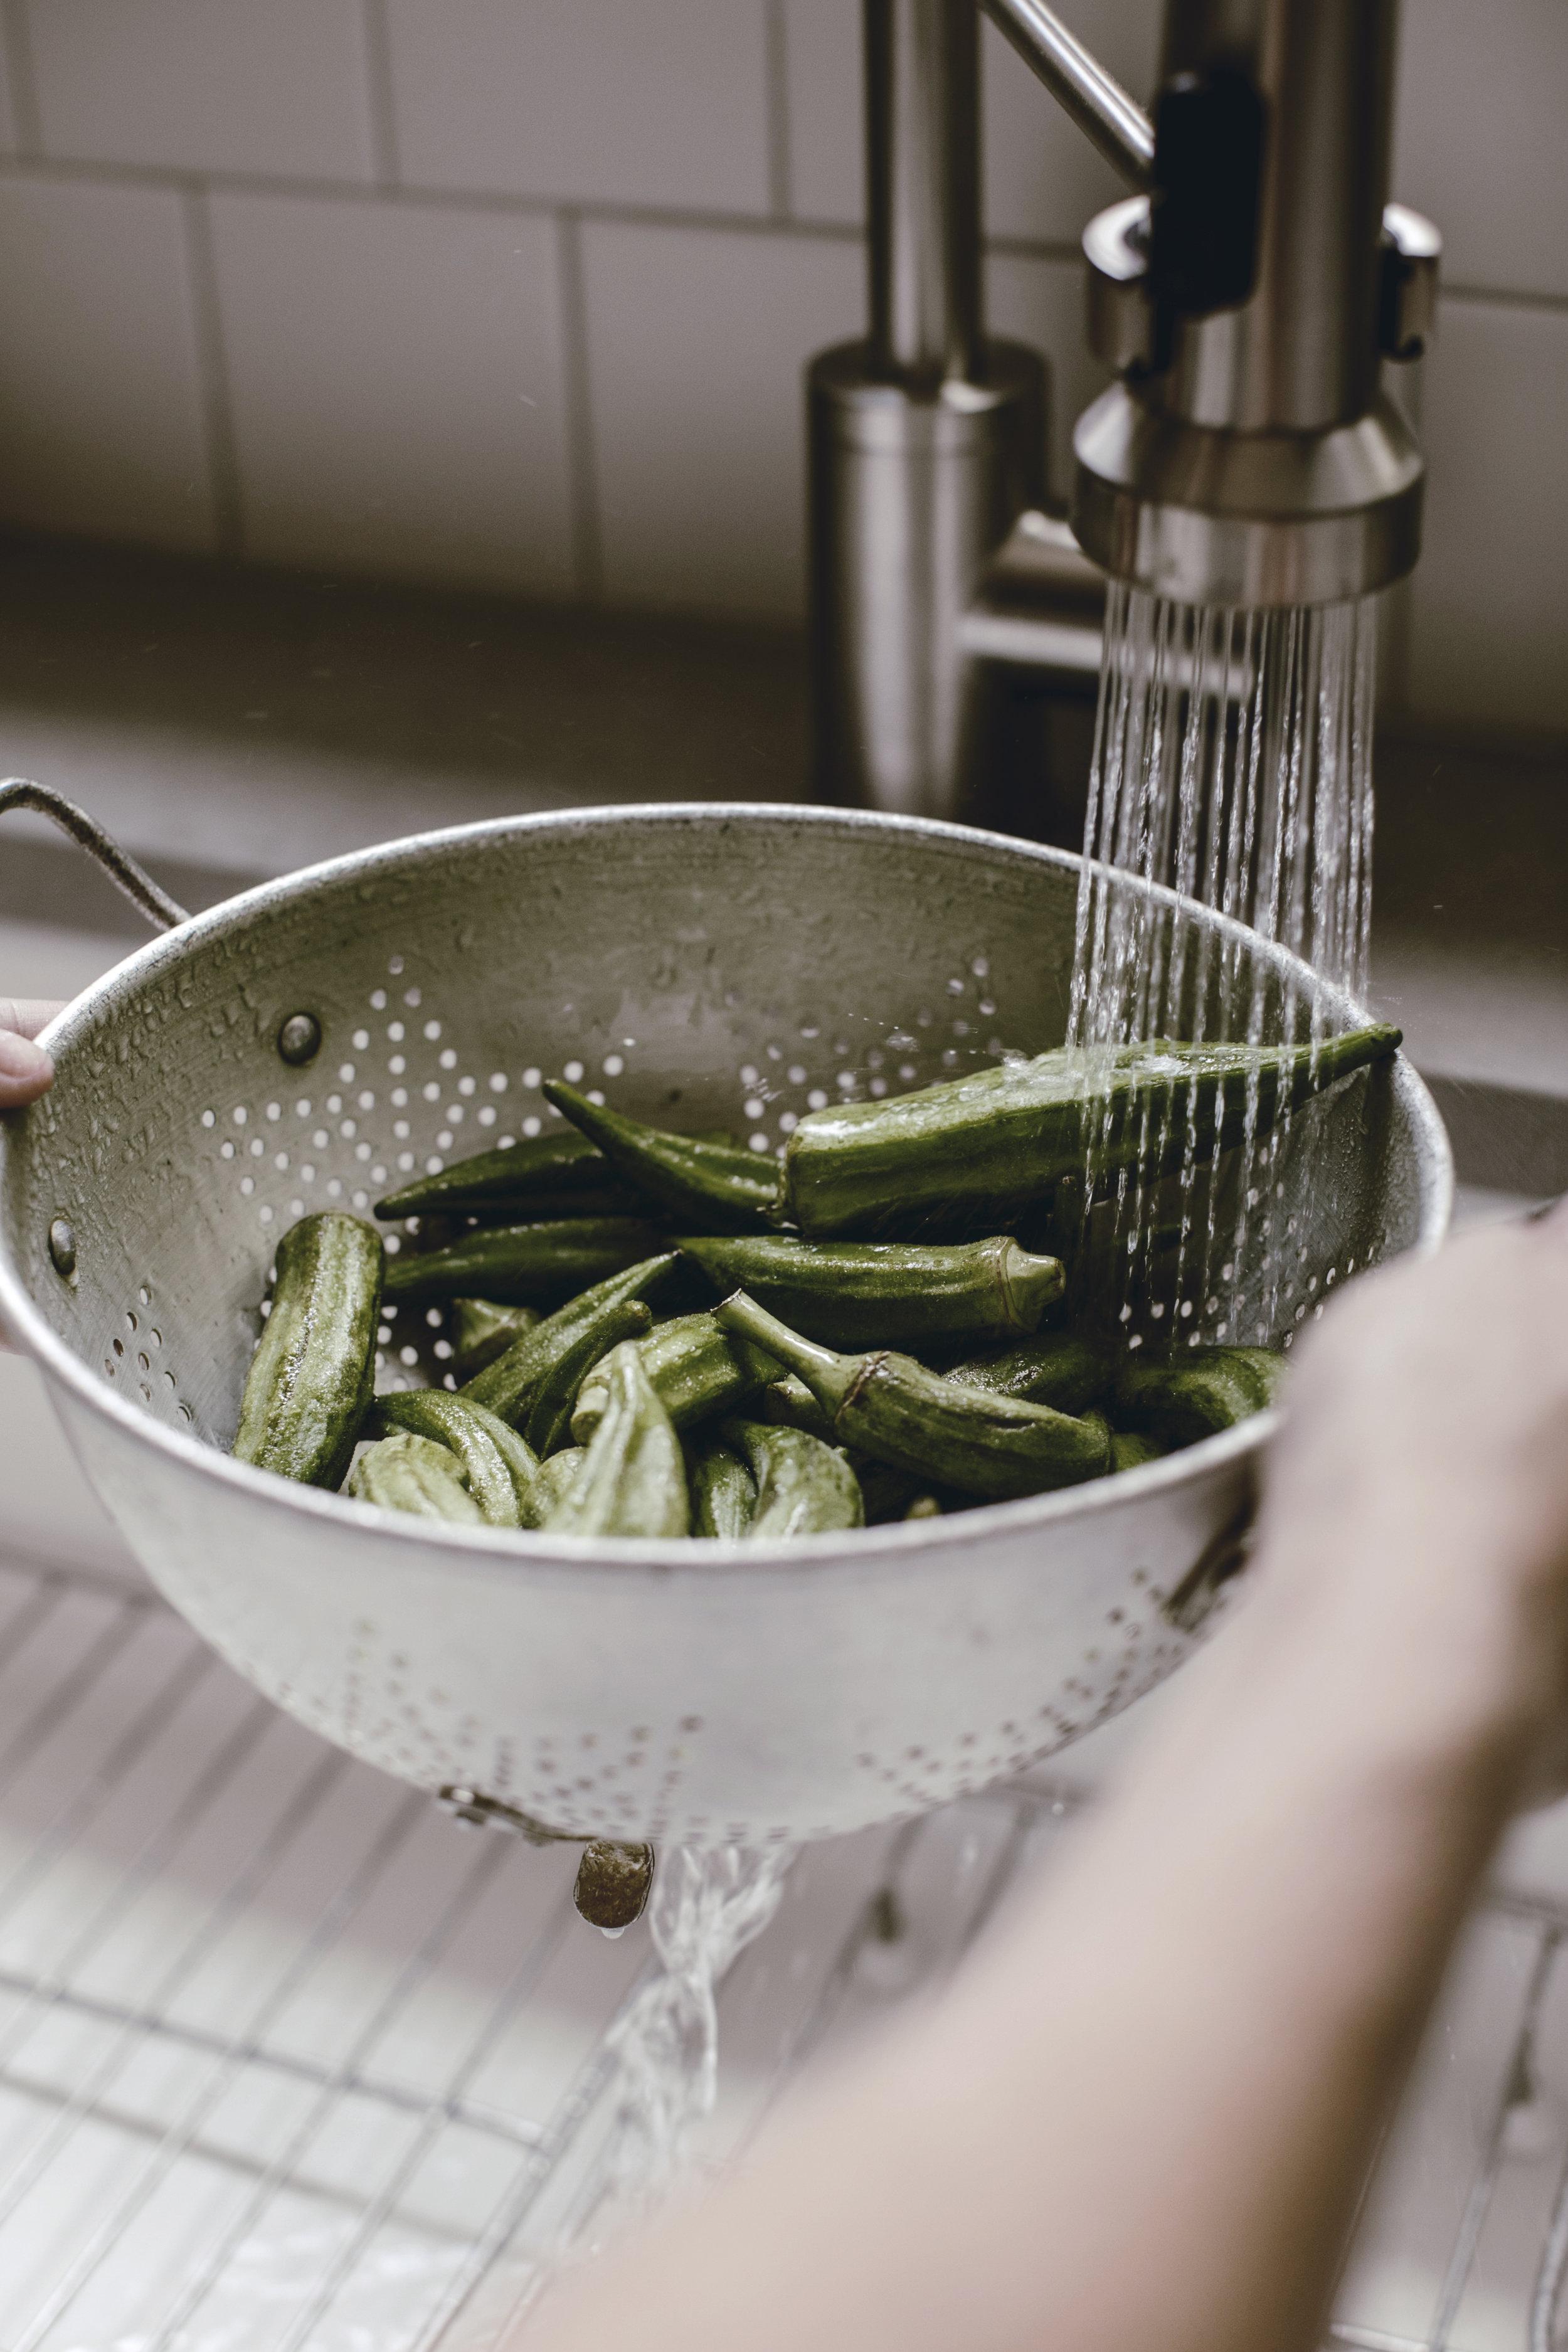 vintage colander washing fresh okra / heirloomed